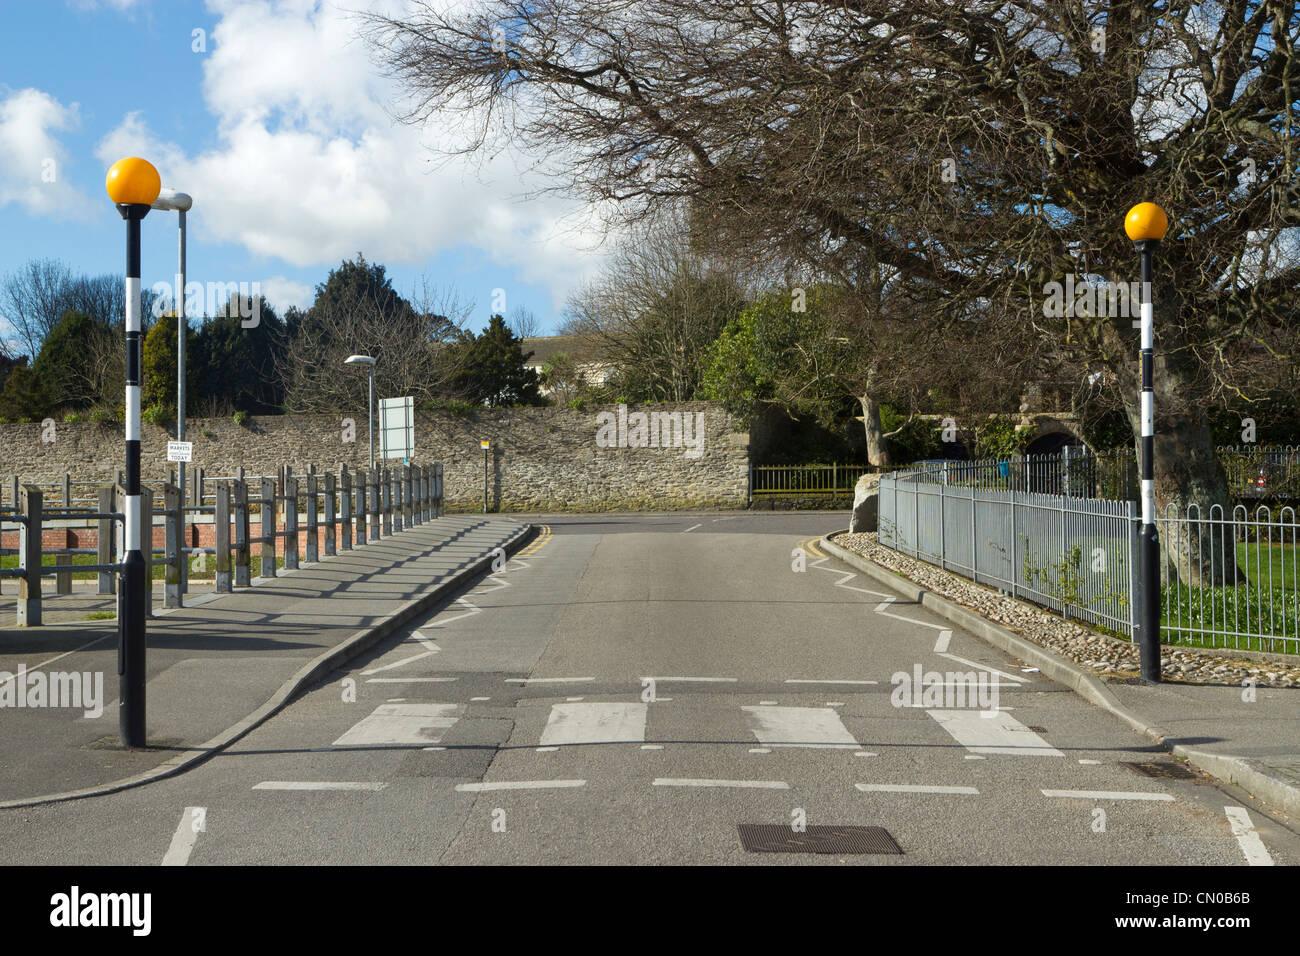 British Zebra crossing in Cornwall UK. Stock Photo